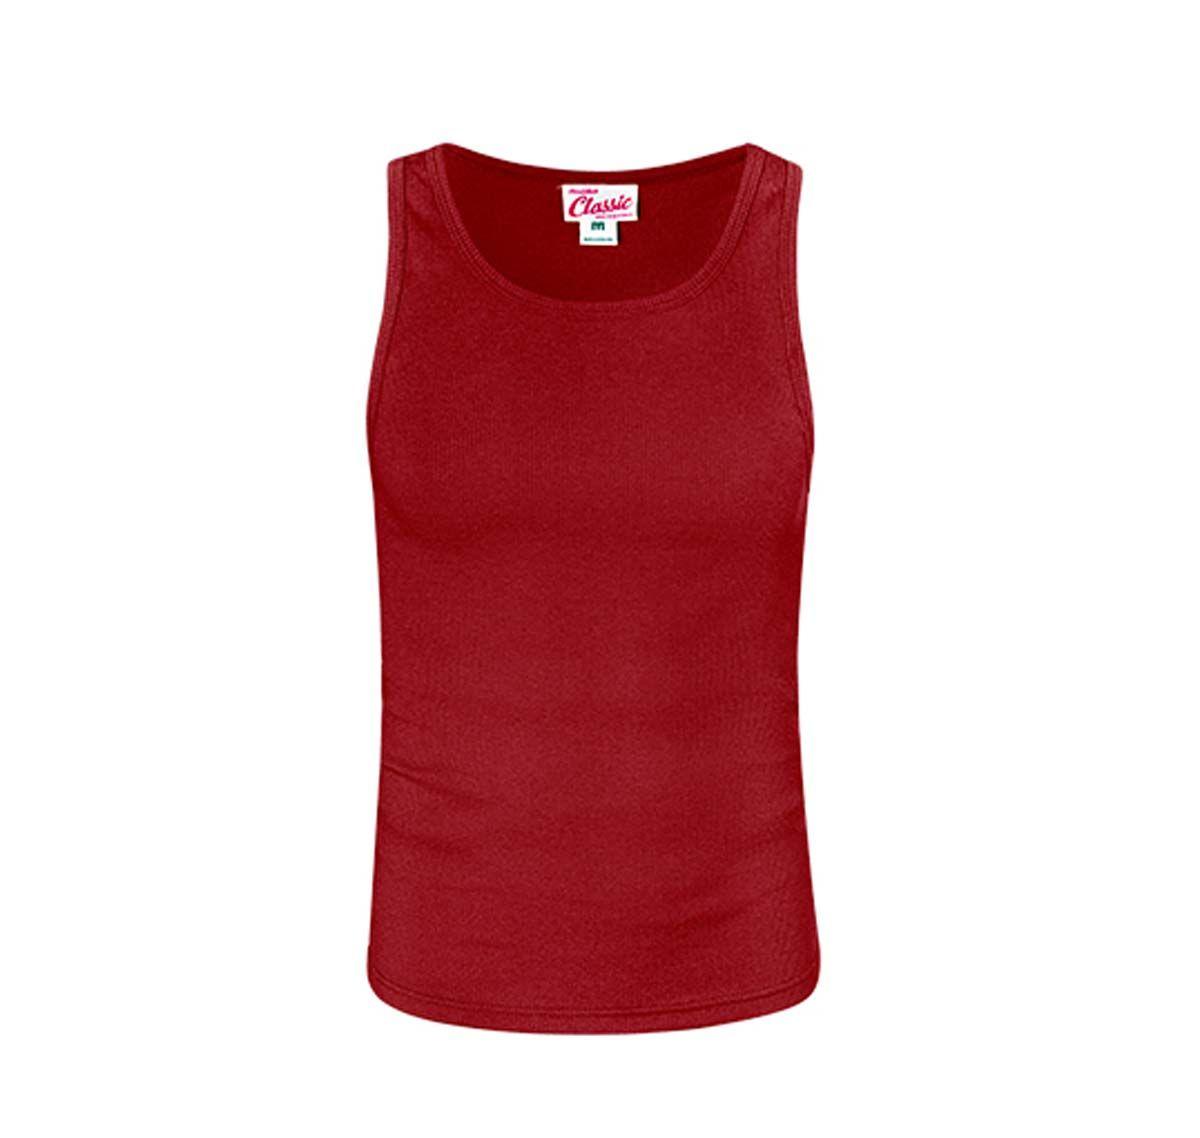 aussieBum Sportshirt CLASSIC, rot